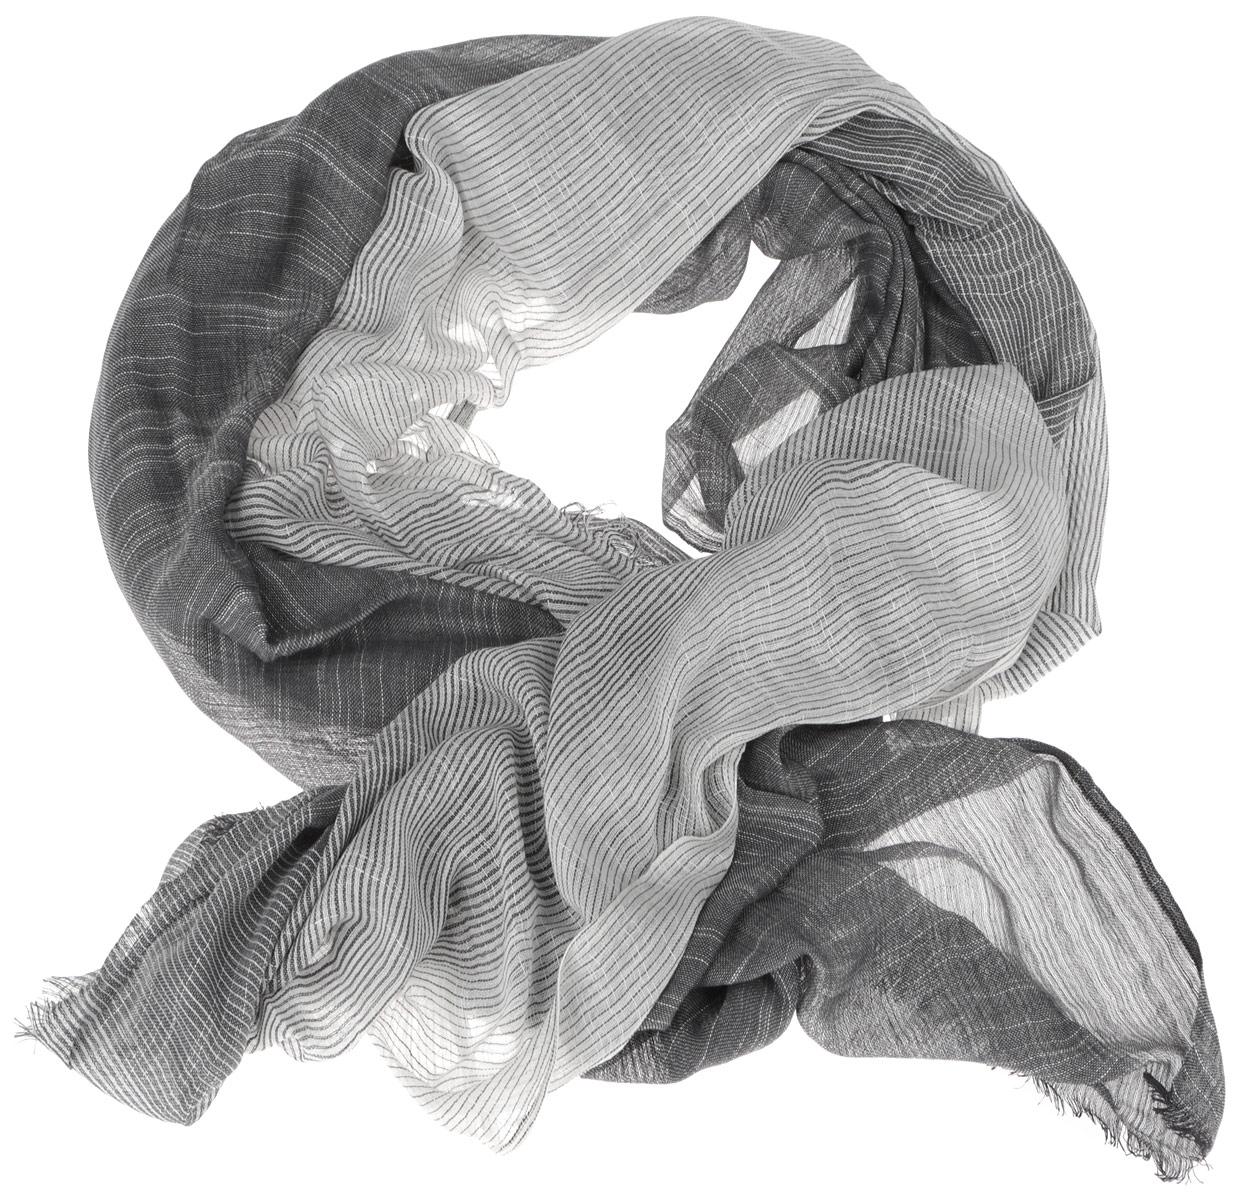 TUTM063-2Элегантный мужской шарф Fabretti согреет вас в холодное время года, а также станет изысканным аксессуаром, который призван подчеркнуть ваш стиль и индивидуальность. Оригинальный легкий шарф выполнен из натурального хлопка и оформлен оригинальным цветовым градиентом с полосками. Такой шарф станет превосходным дополнением к любому наряду, защитит вас от ветра и холода и позволит вам создать свой неповторимый стиль.